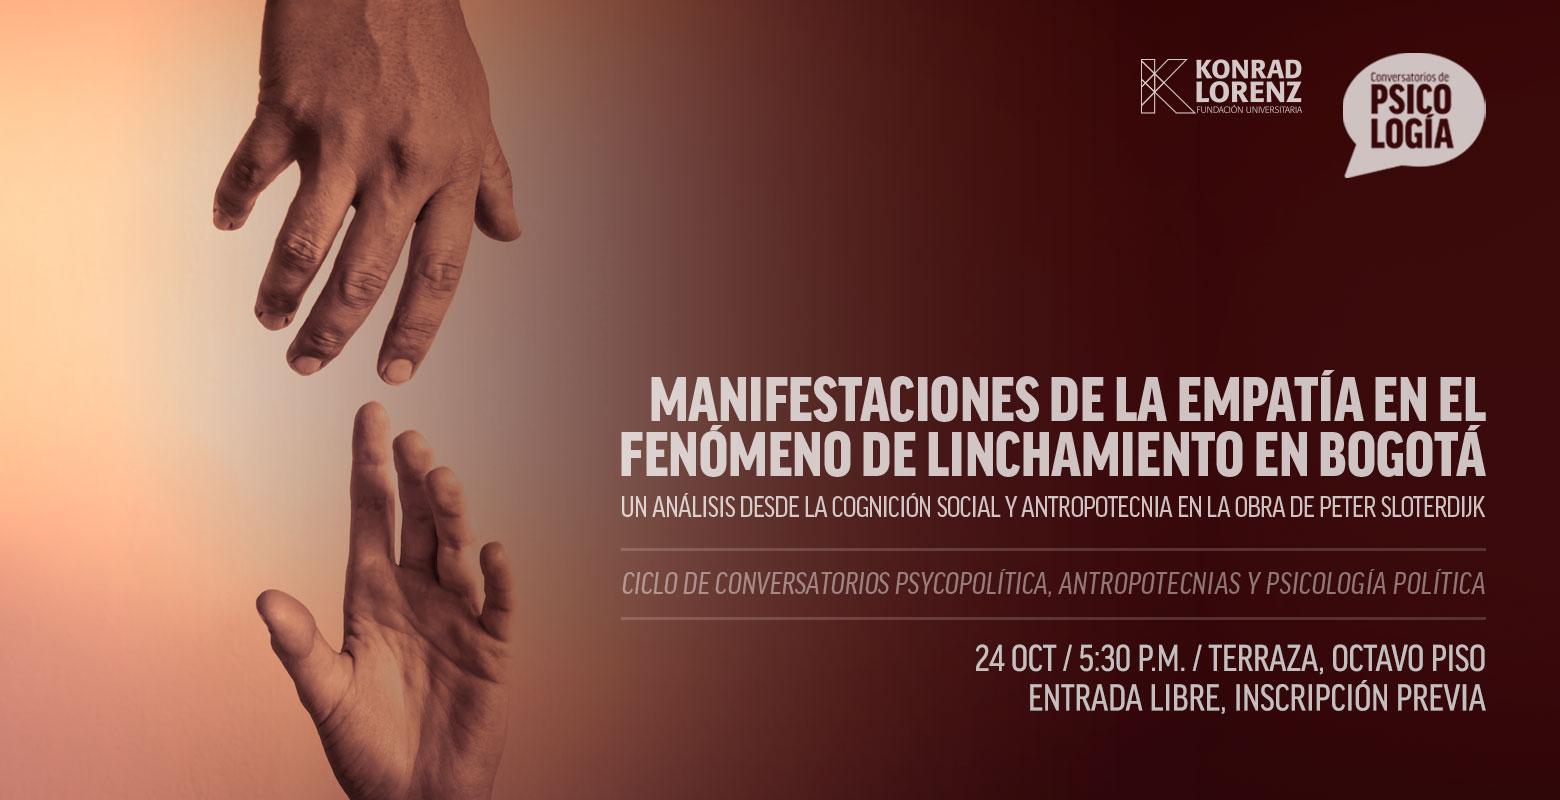 Conversatorio: Manifestaciones de la empatía en el fenómeno del linchamiento en Bogotá